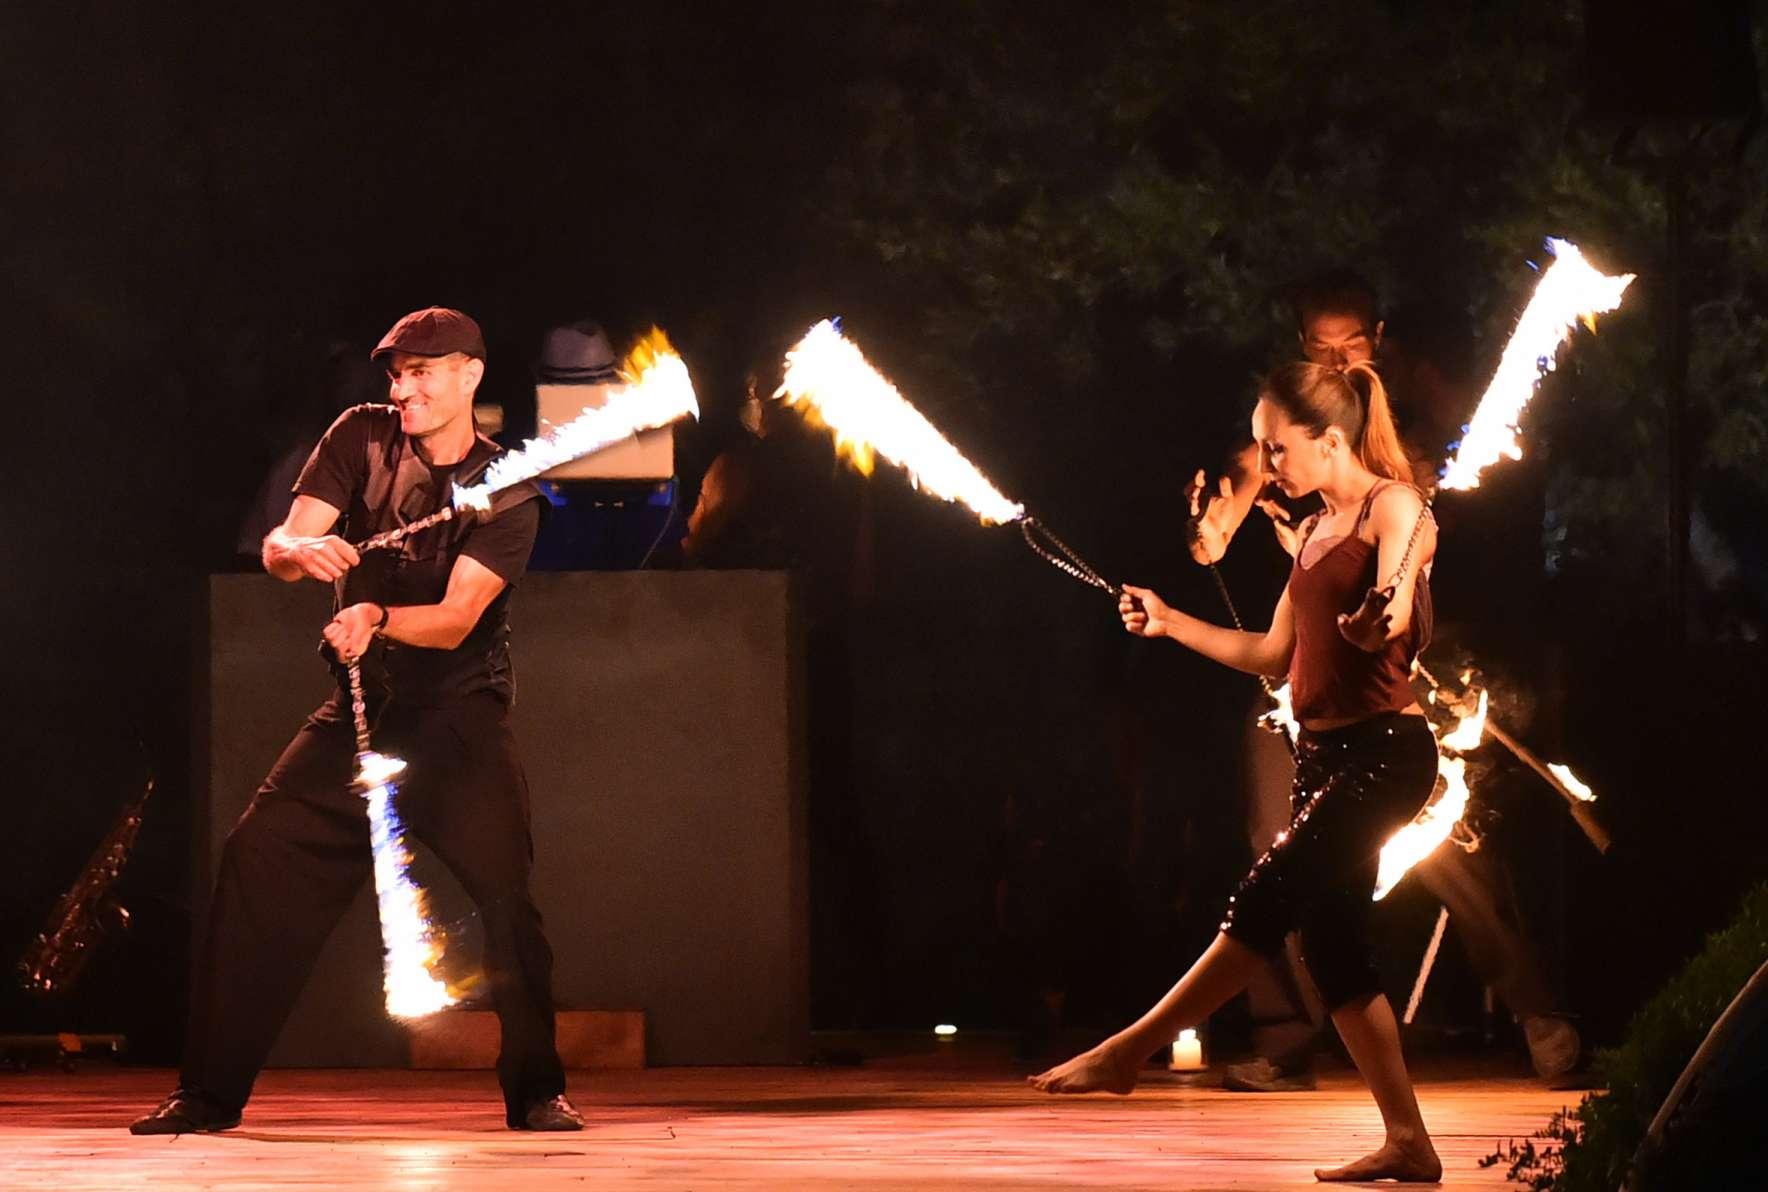 Χαρούμενοι καλλιτέχνες παίζουν με φλεγόμενα σχοινιά σε σώου με φωτιές πάνω σε σκηνή, σε εκδήλωση γάμου στο ξενοδοχείο Amanzoe.